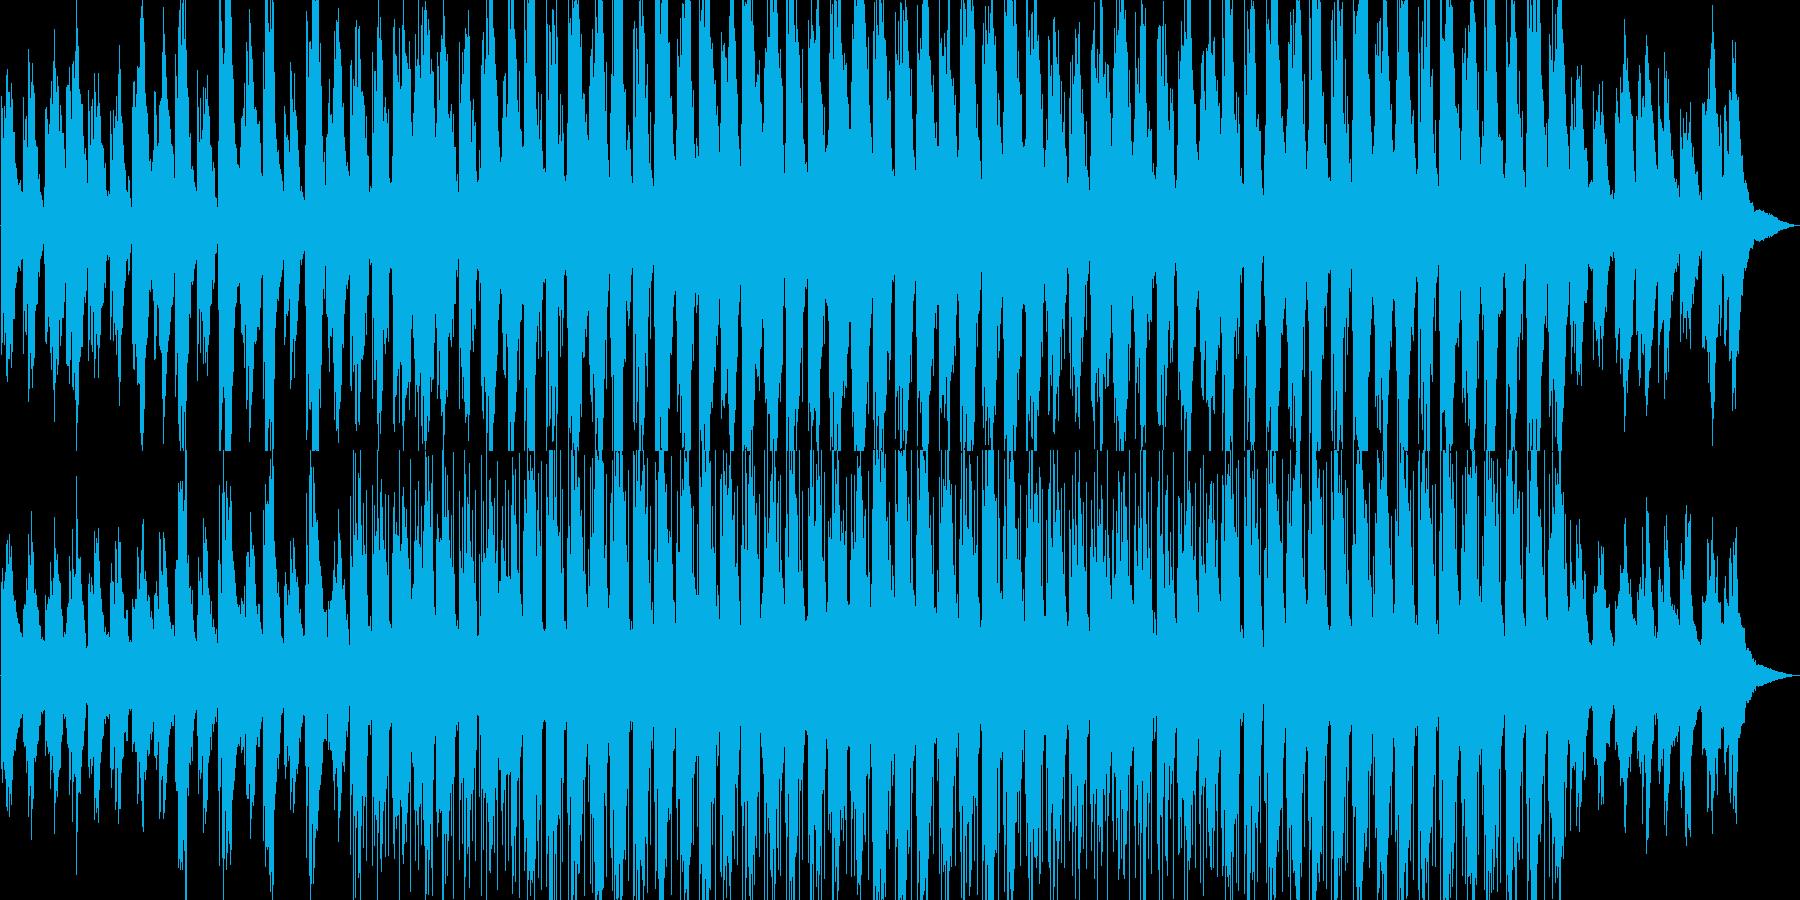 ほのぼの・爽やか・映像・イベント用の再生済みの波形